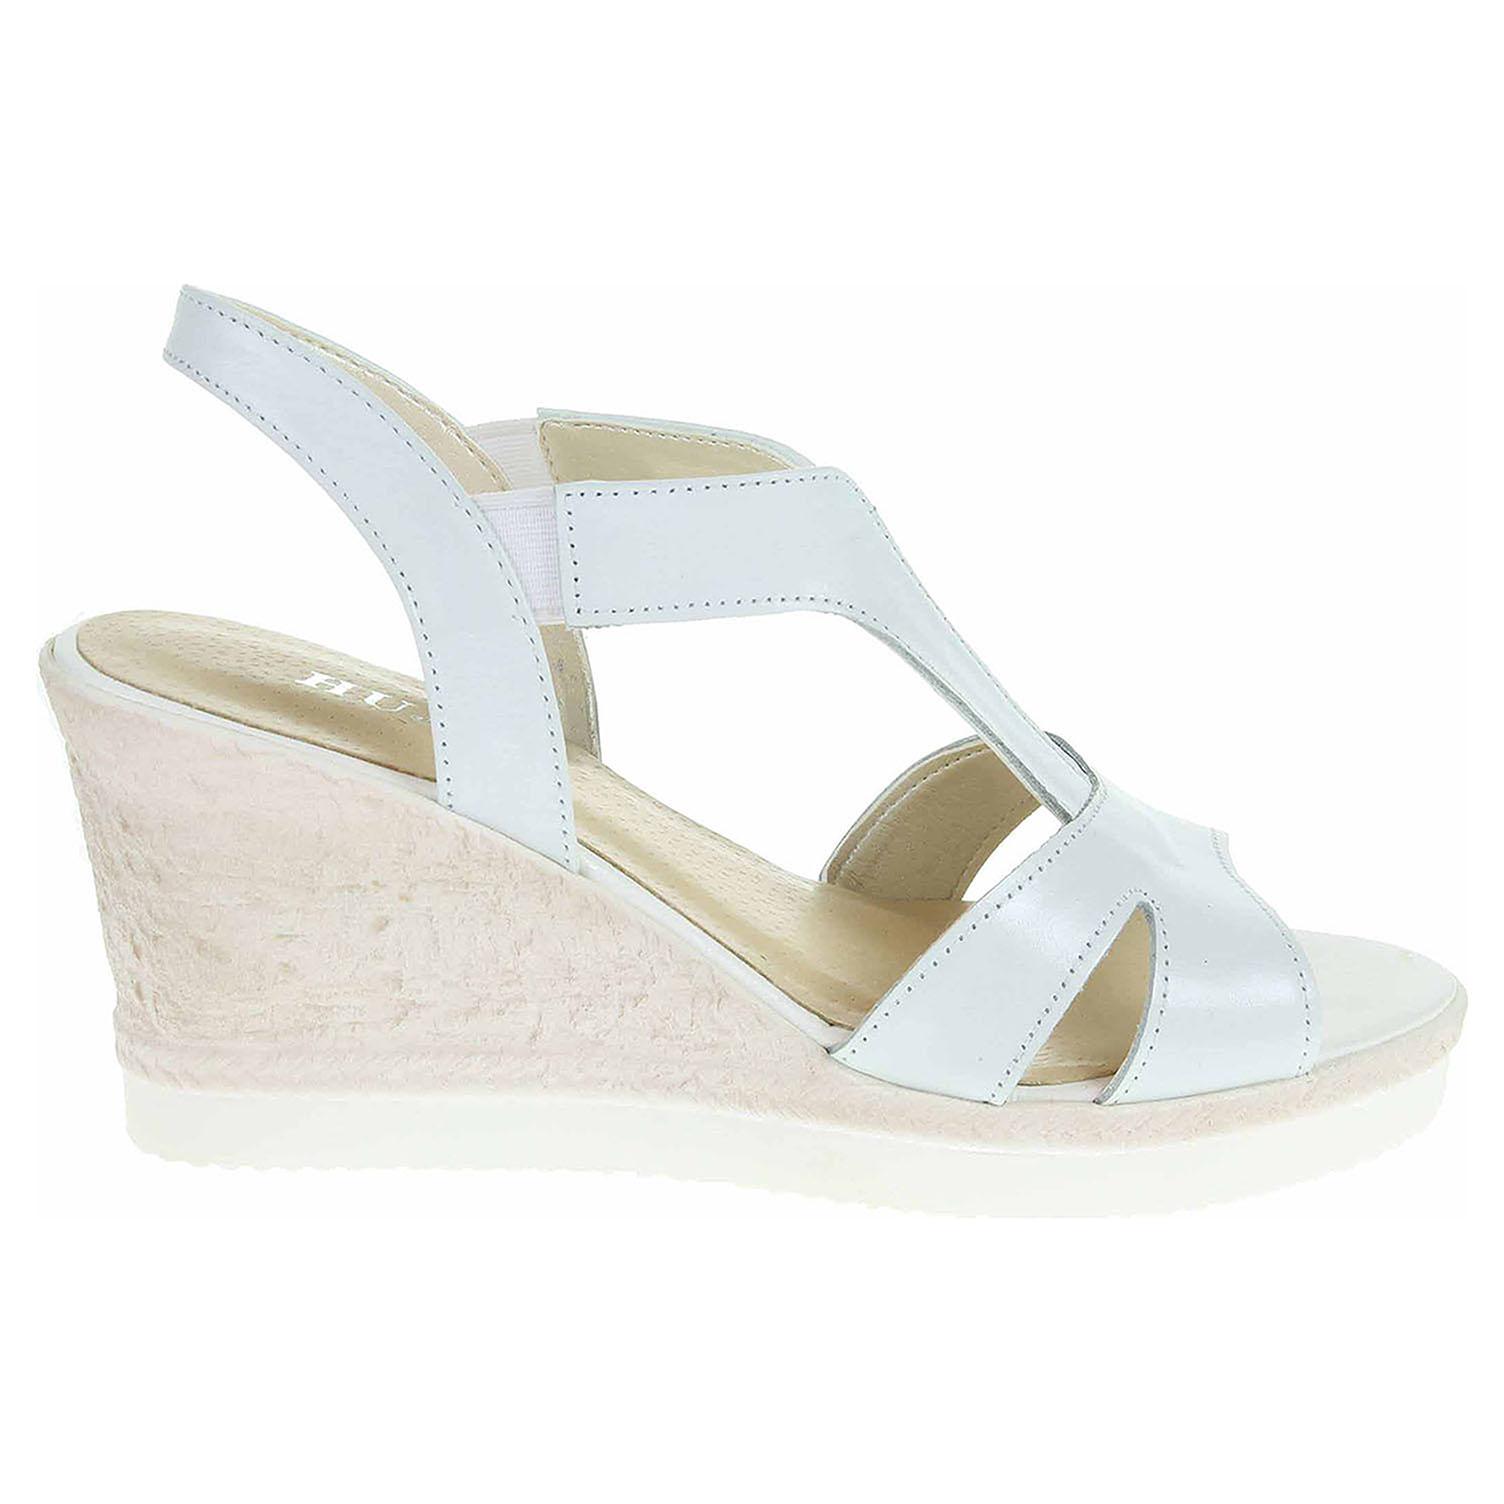 Dámské sandály EW 7611 bílá EW 7611 biela 39